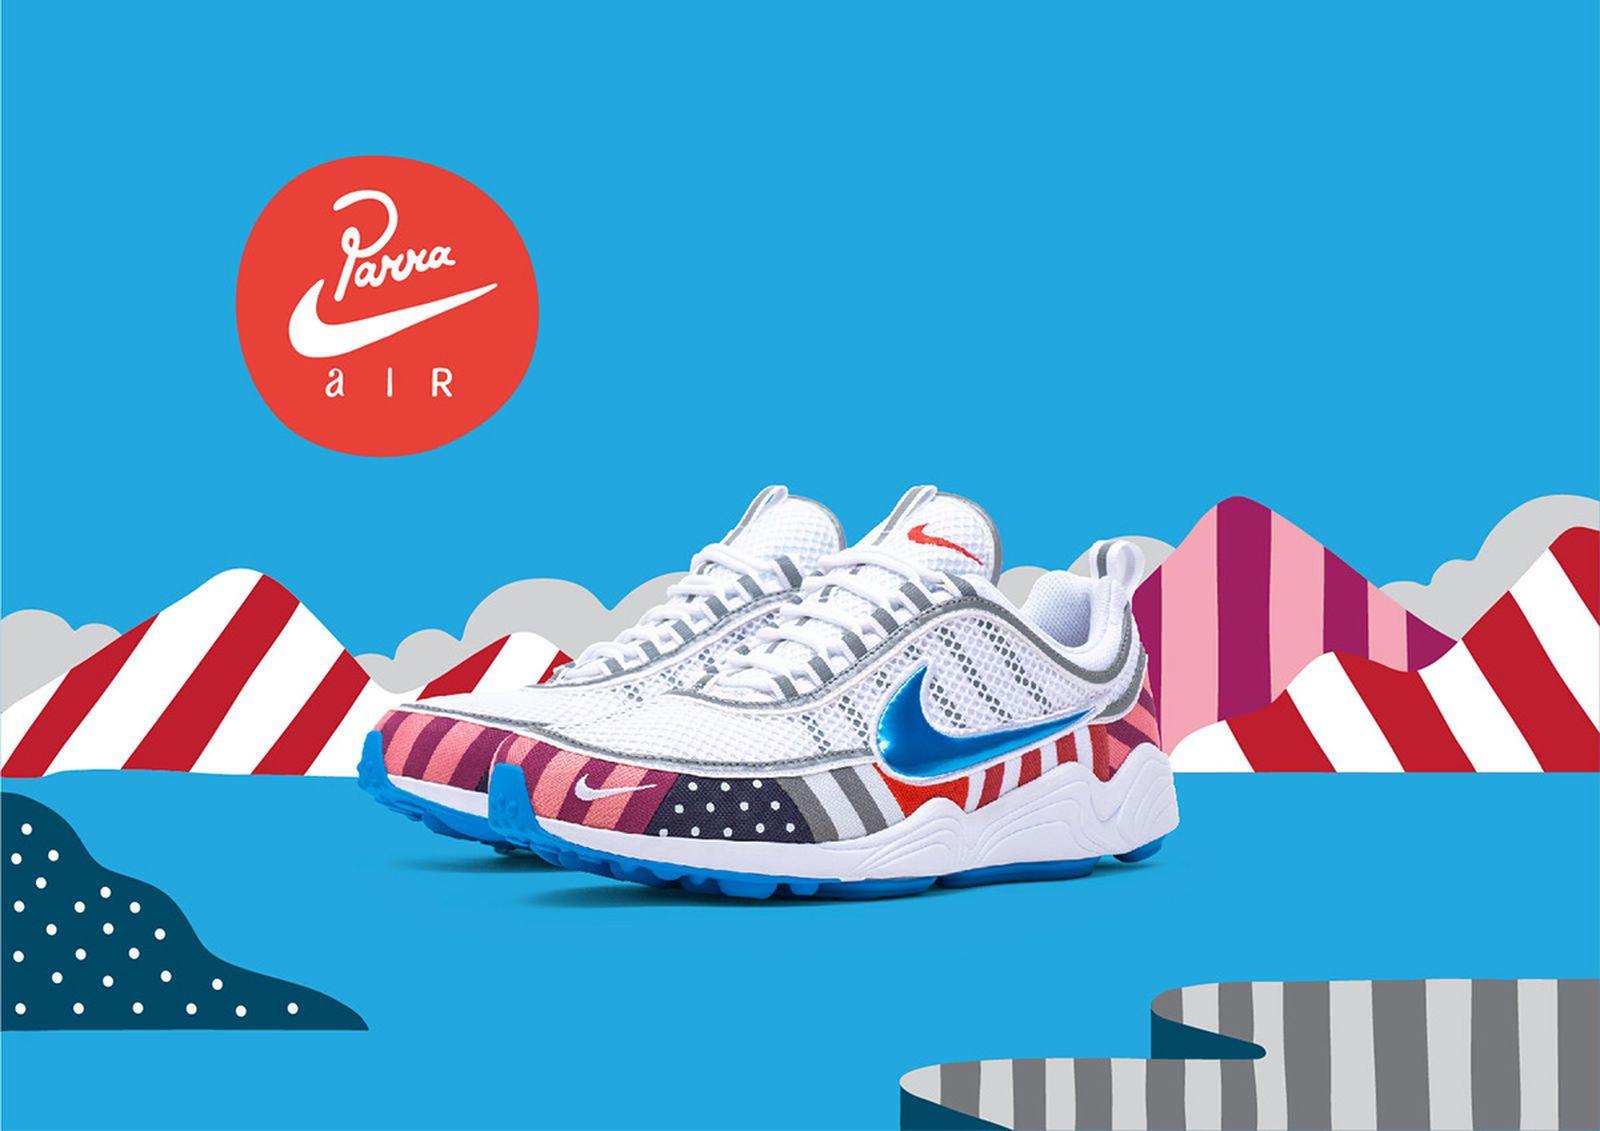 Parra Nike SPIRIDON air max 1